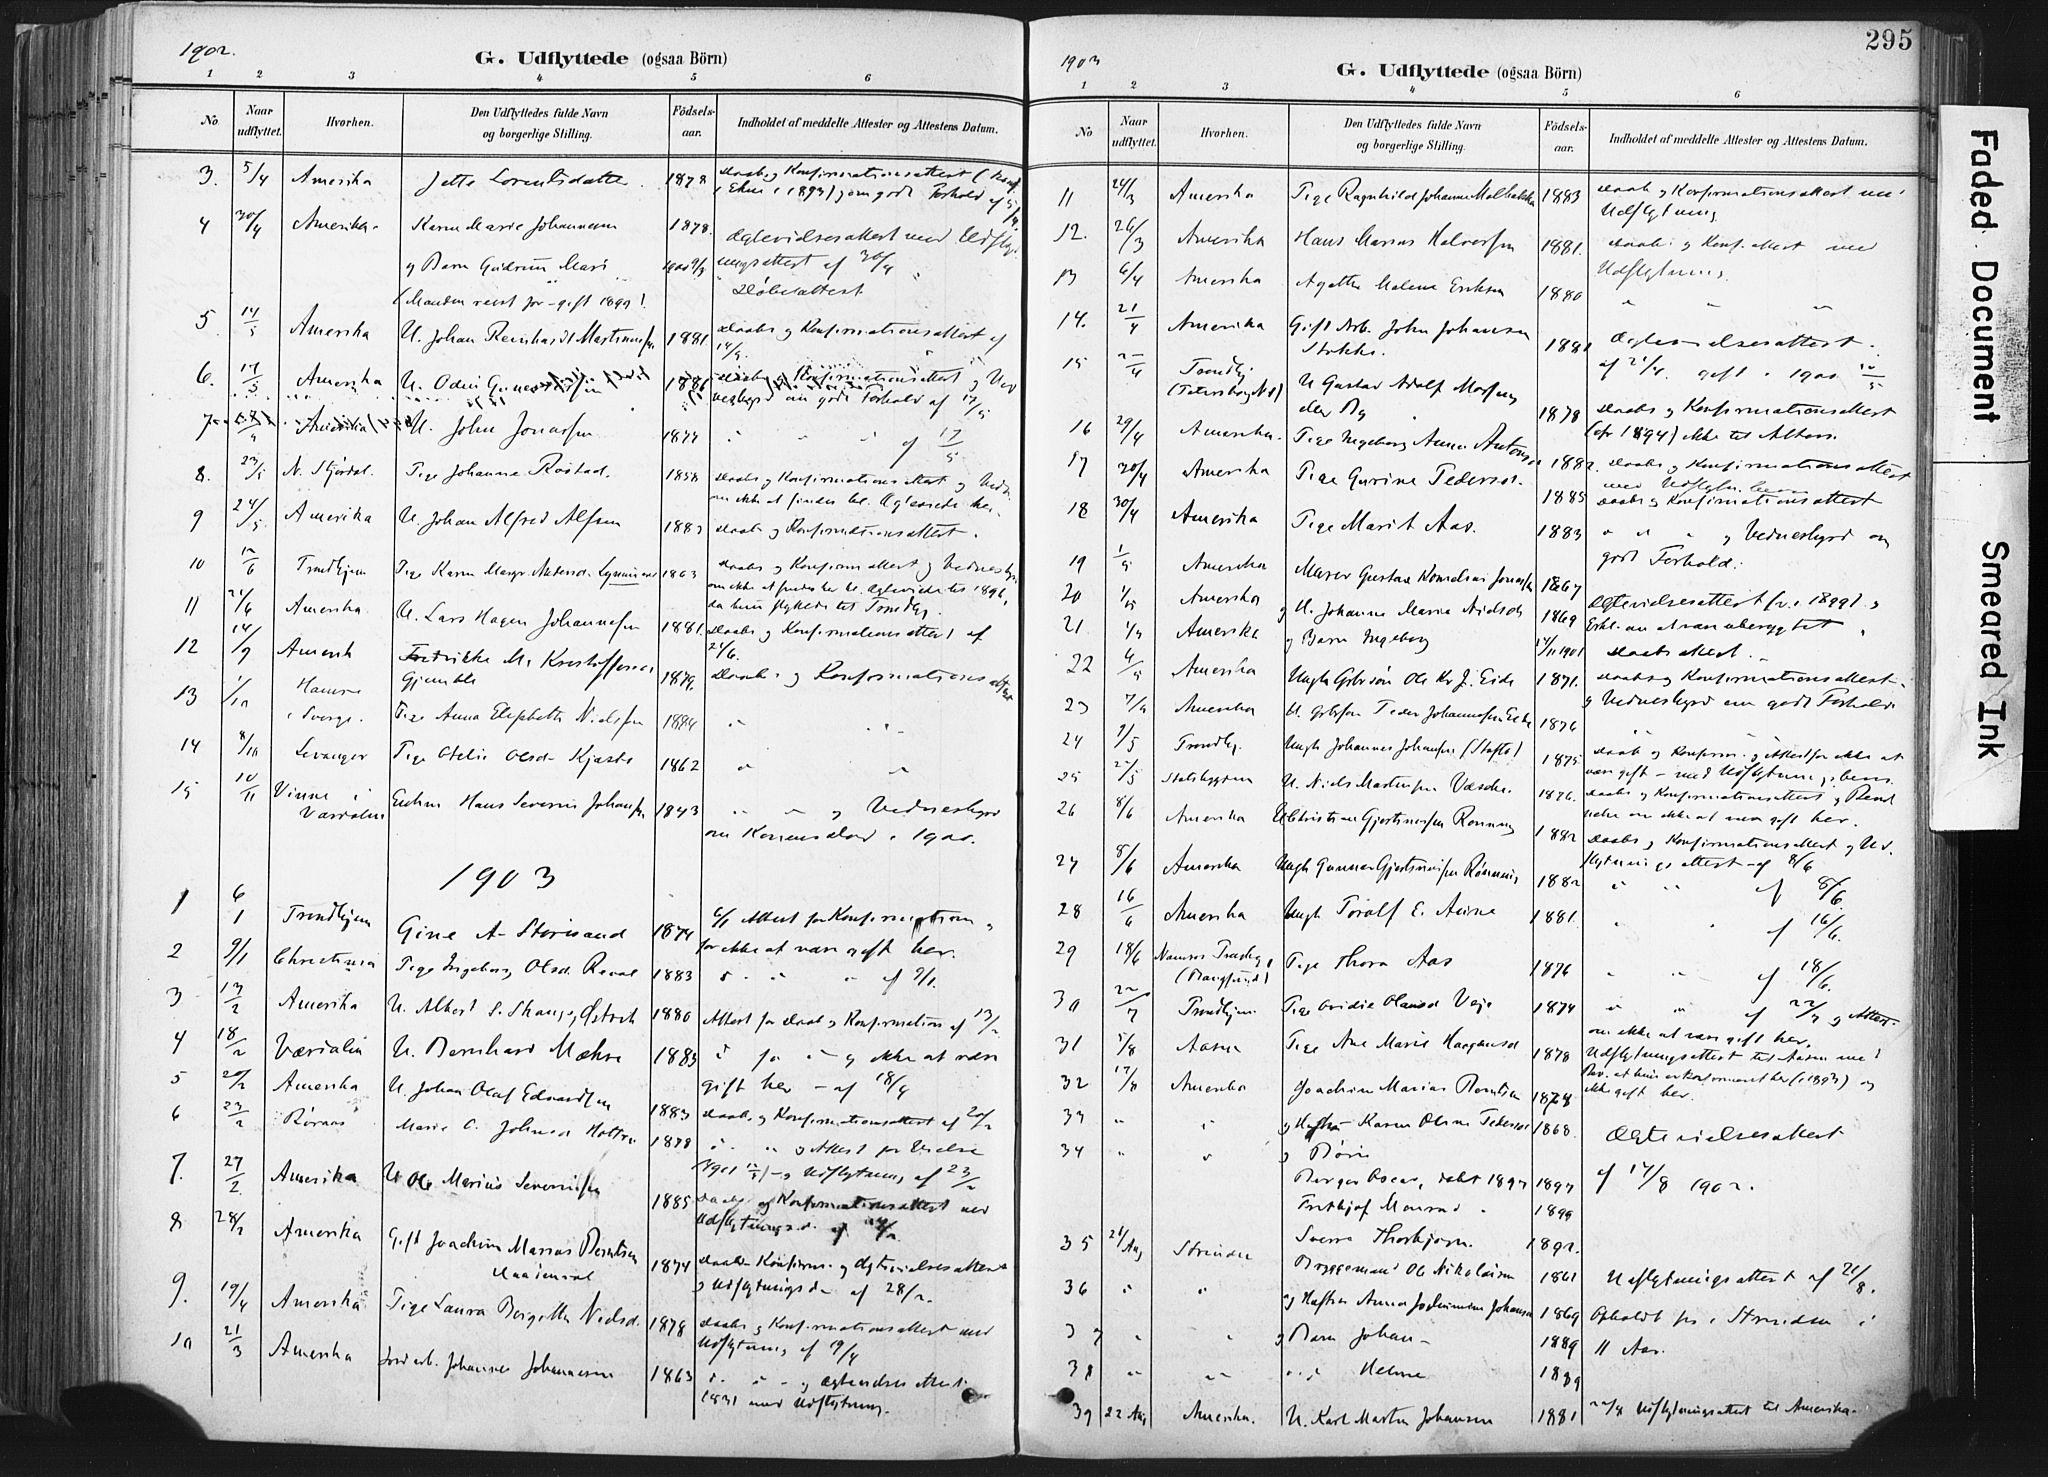 SAT, Ministerialprotokoller, klokkerbøker og fødselsregistre - Nord-Trøndelag, 717/L0162: Ministerialbok nr. 717A12, 1898-1923, s. 295